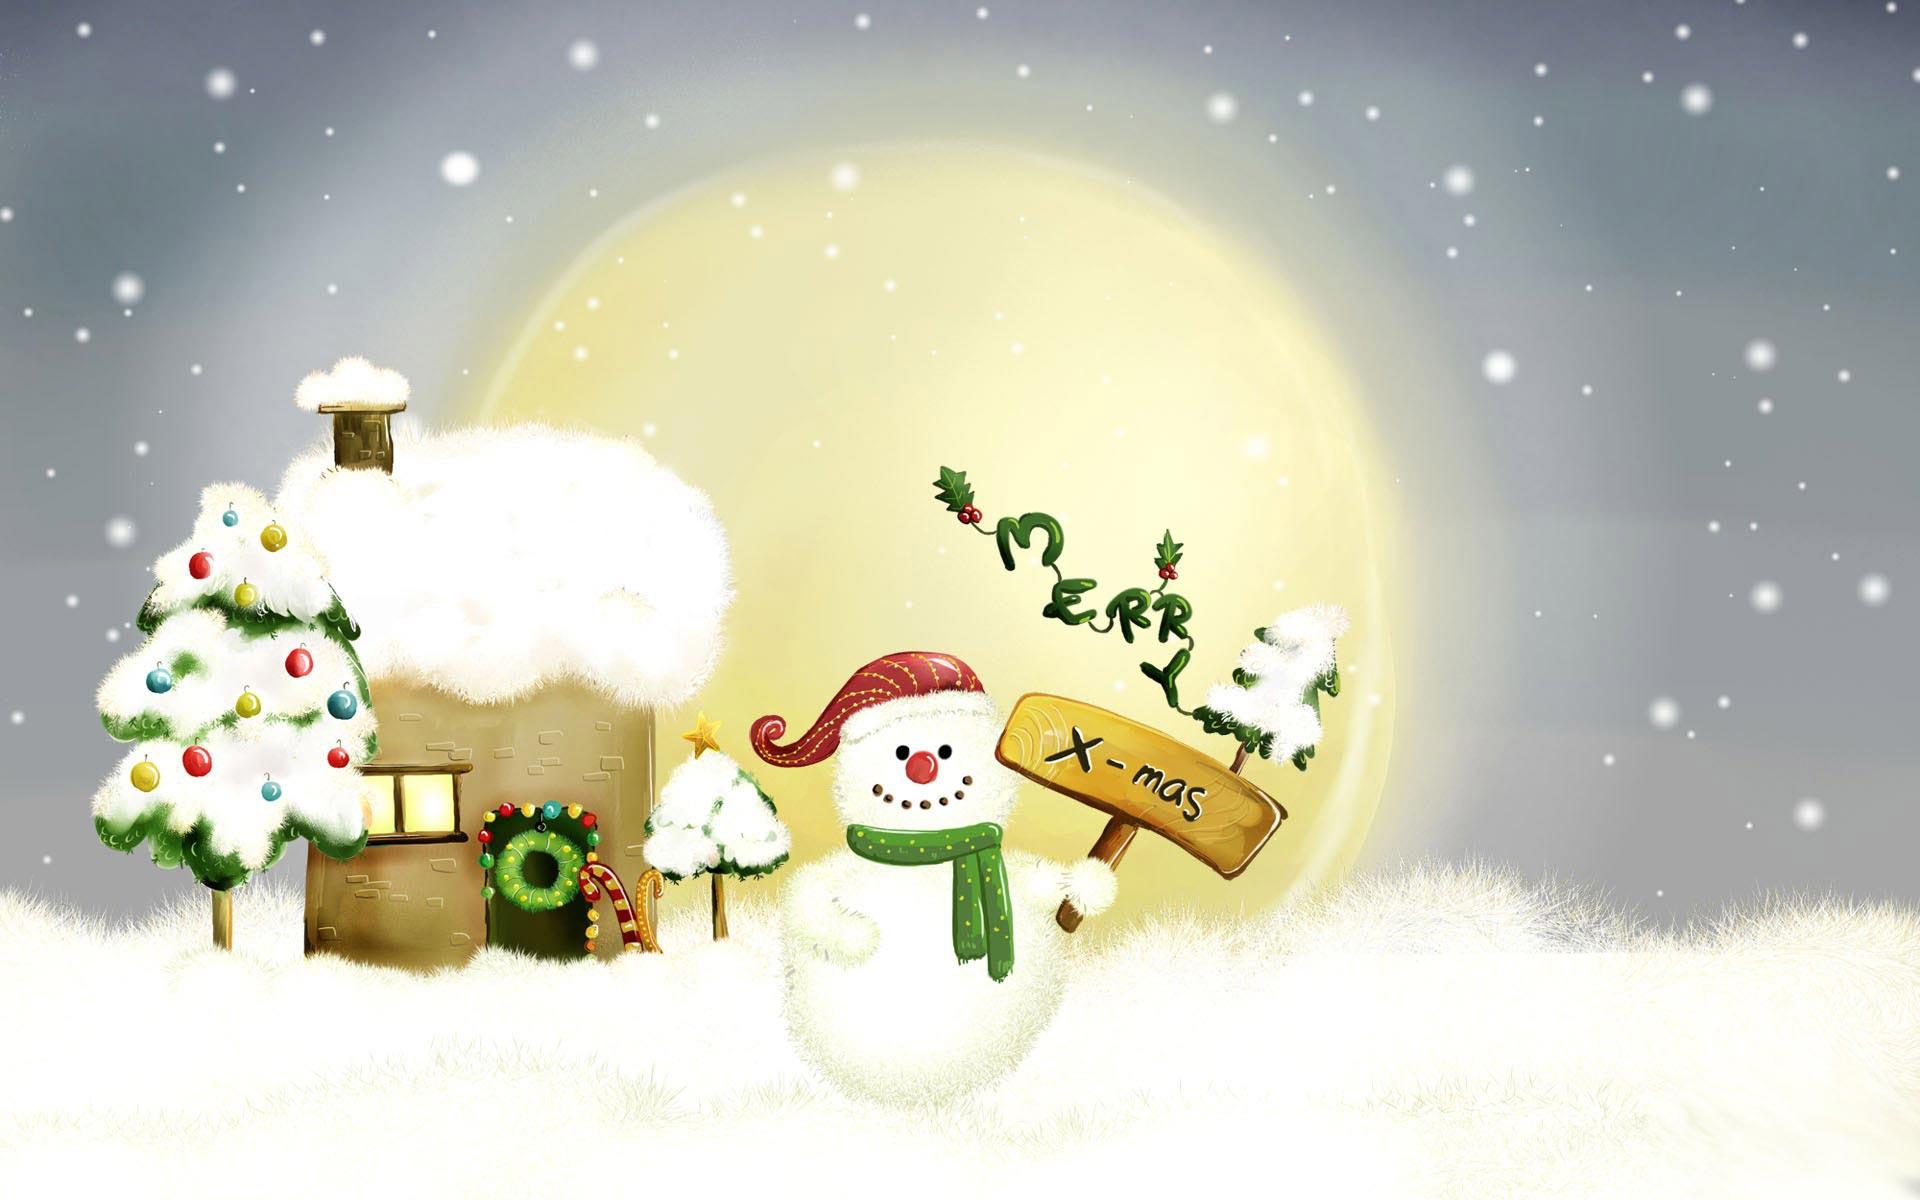 Sfondi Natale - Sfondo Pupazzo di neve